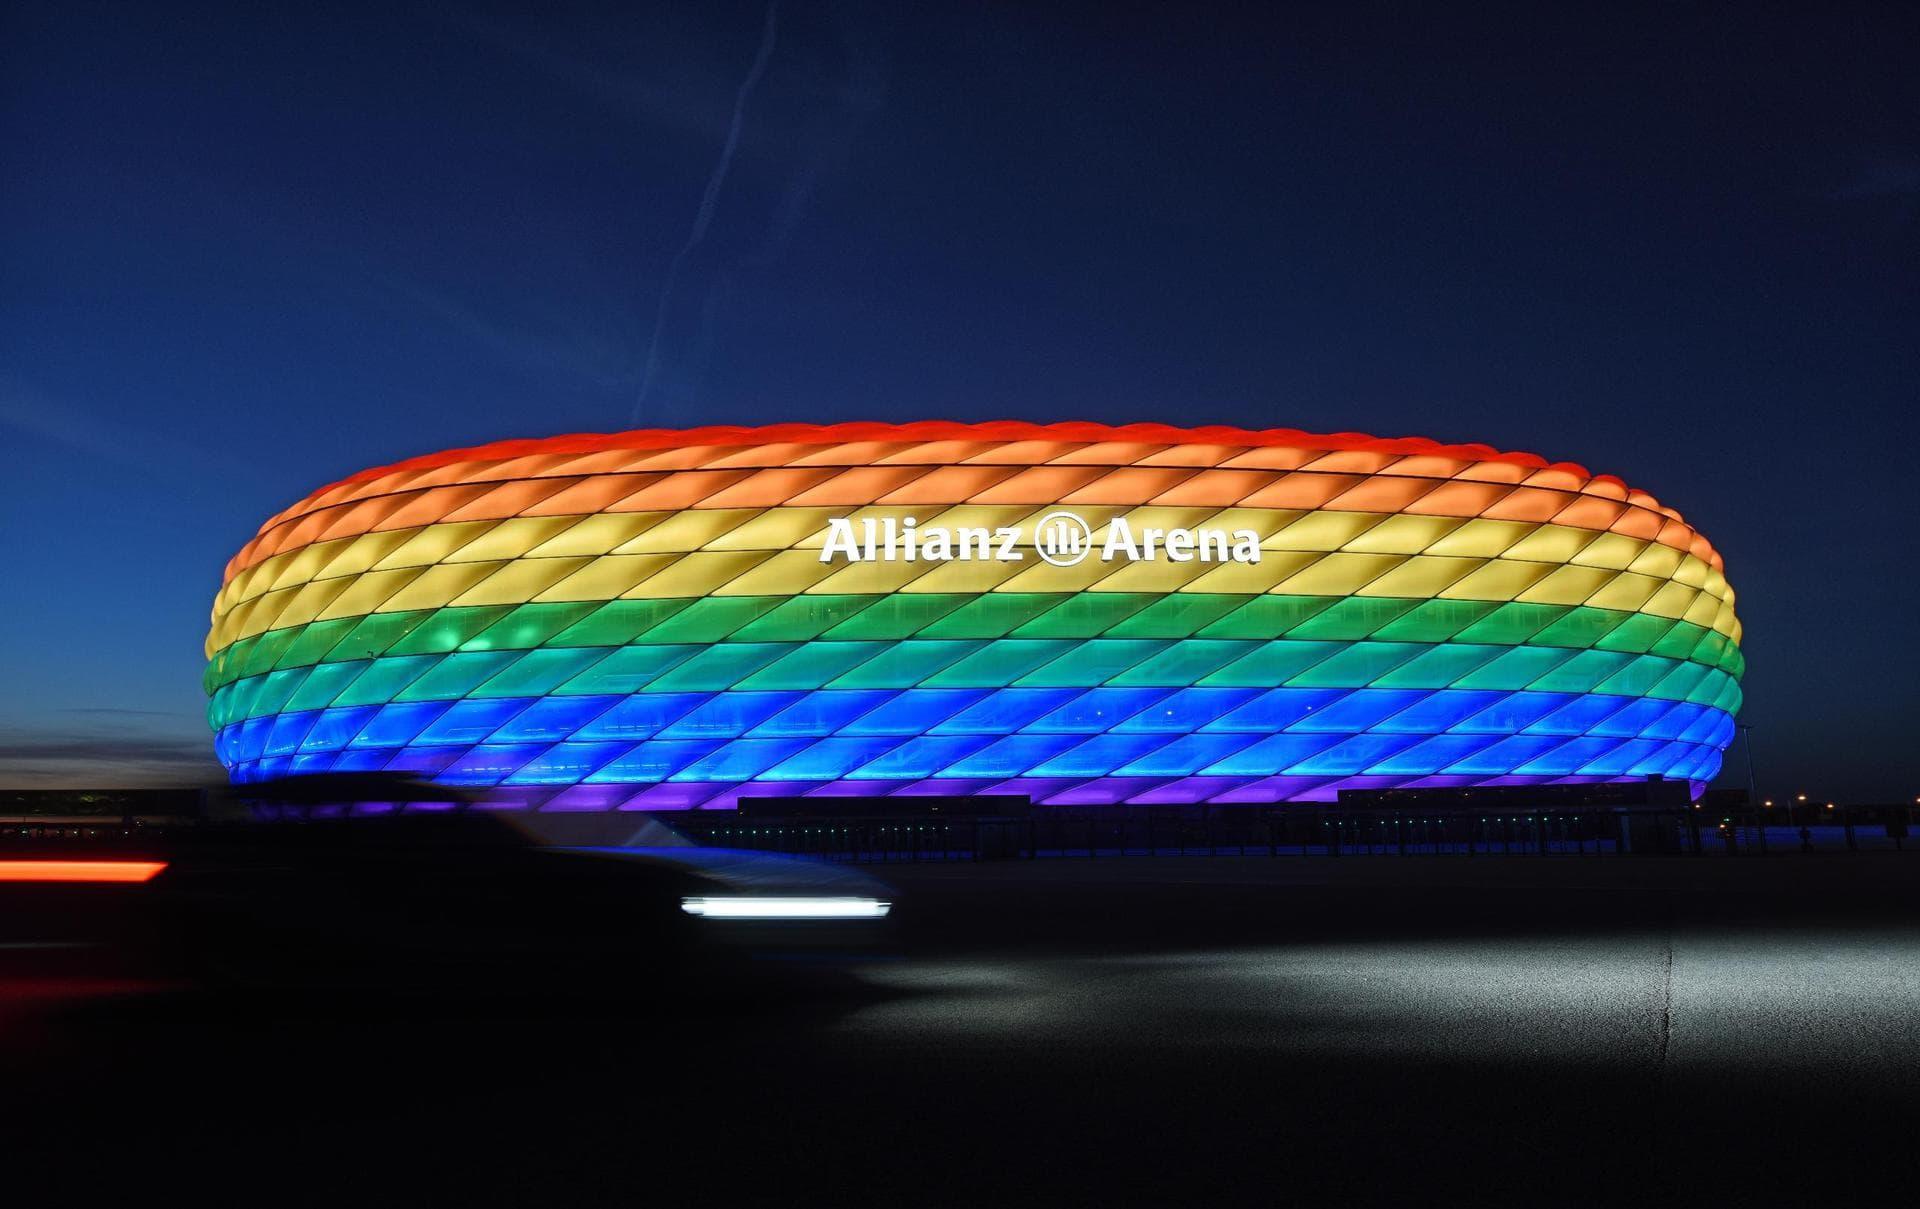 Keine Ausnahme für München: EM-Stadion ohne Regenbogenfarben UEFA-Beschluss